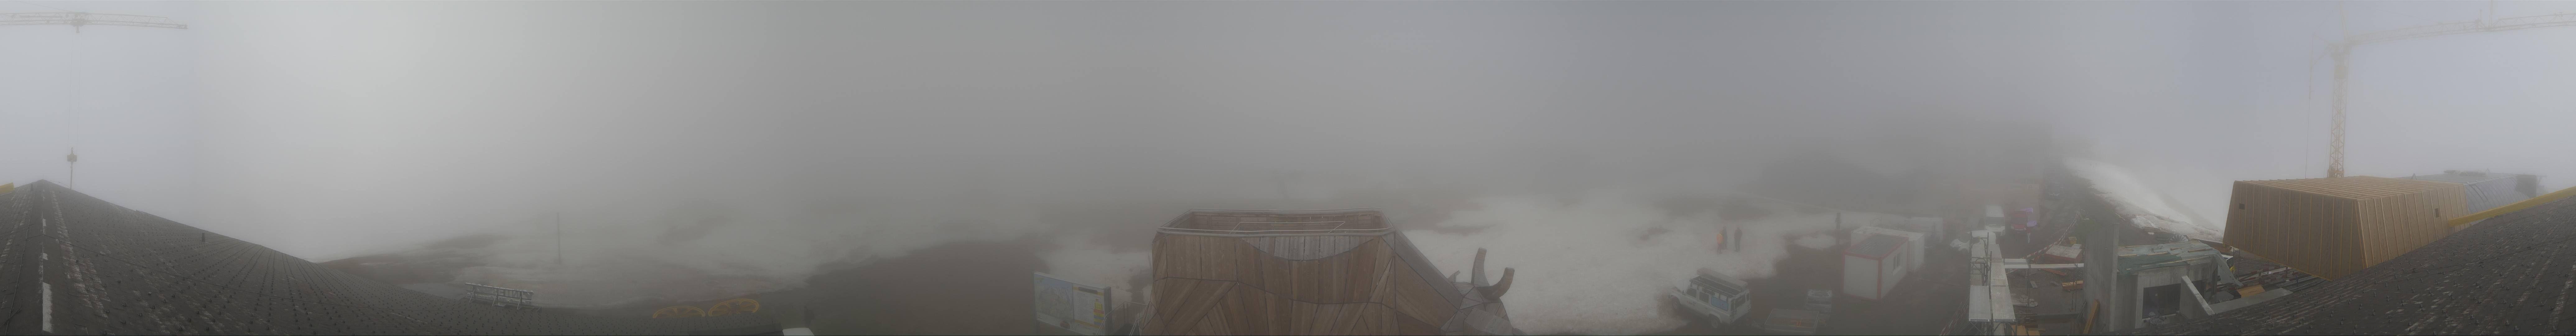 Grindelwald: Interaktive °-Webcam Männlichen